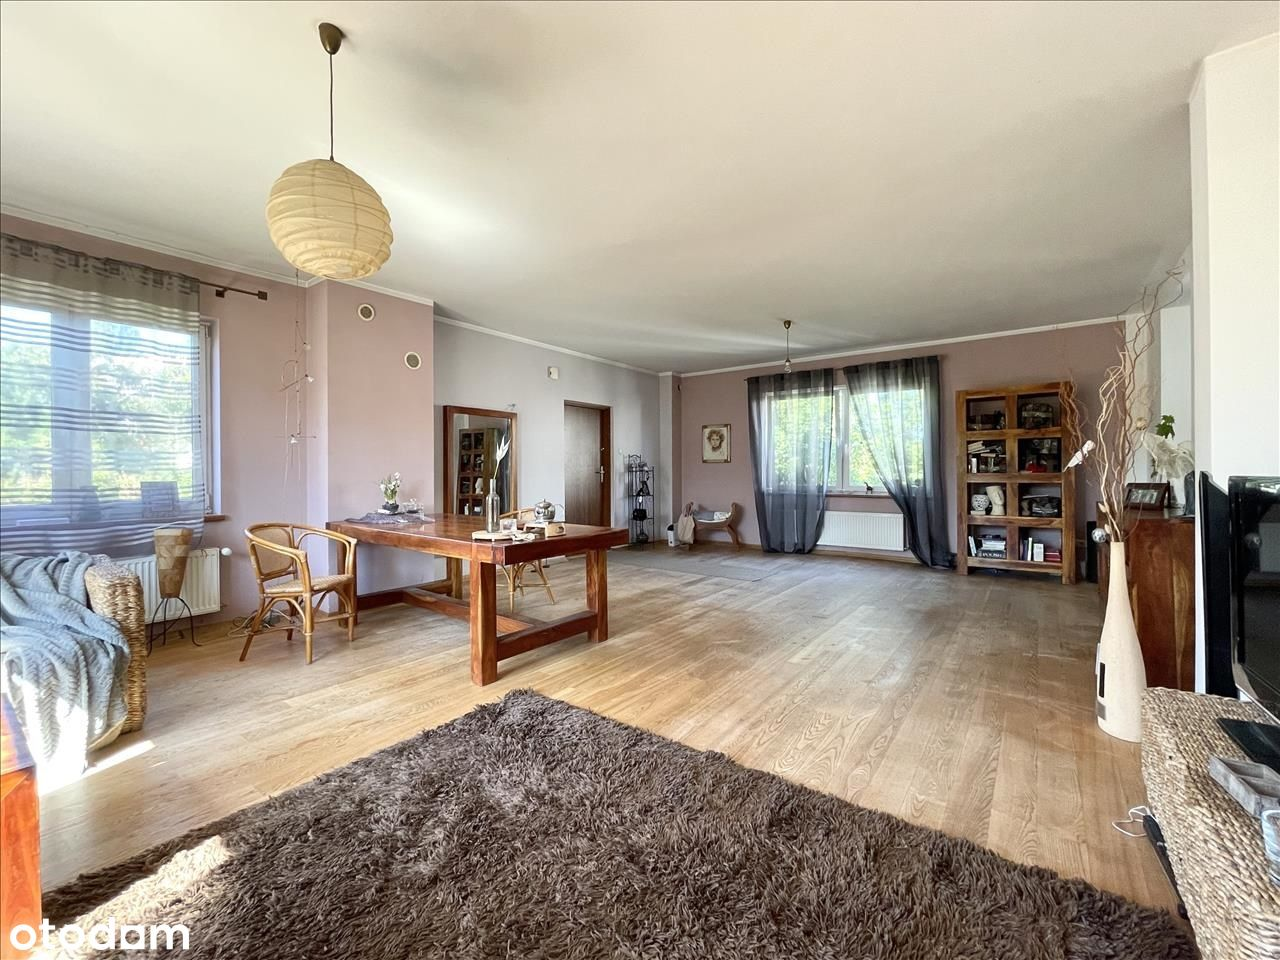 Dom 260 m2 z przestrzenią biurową-centrum.